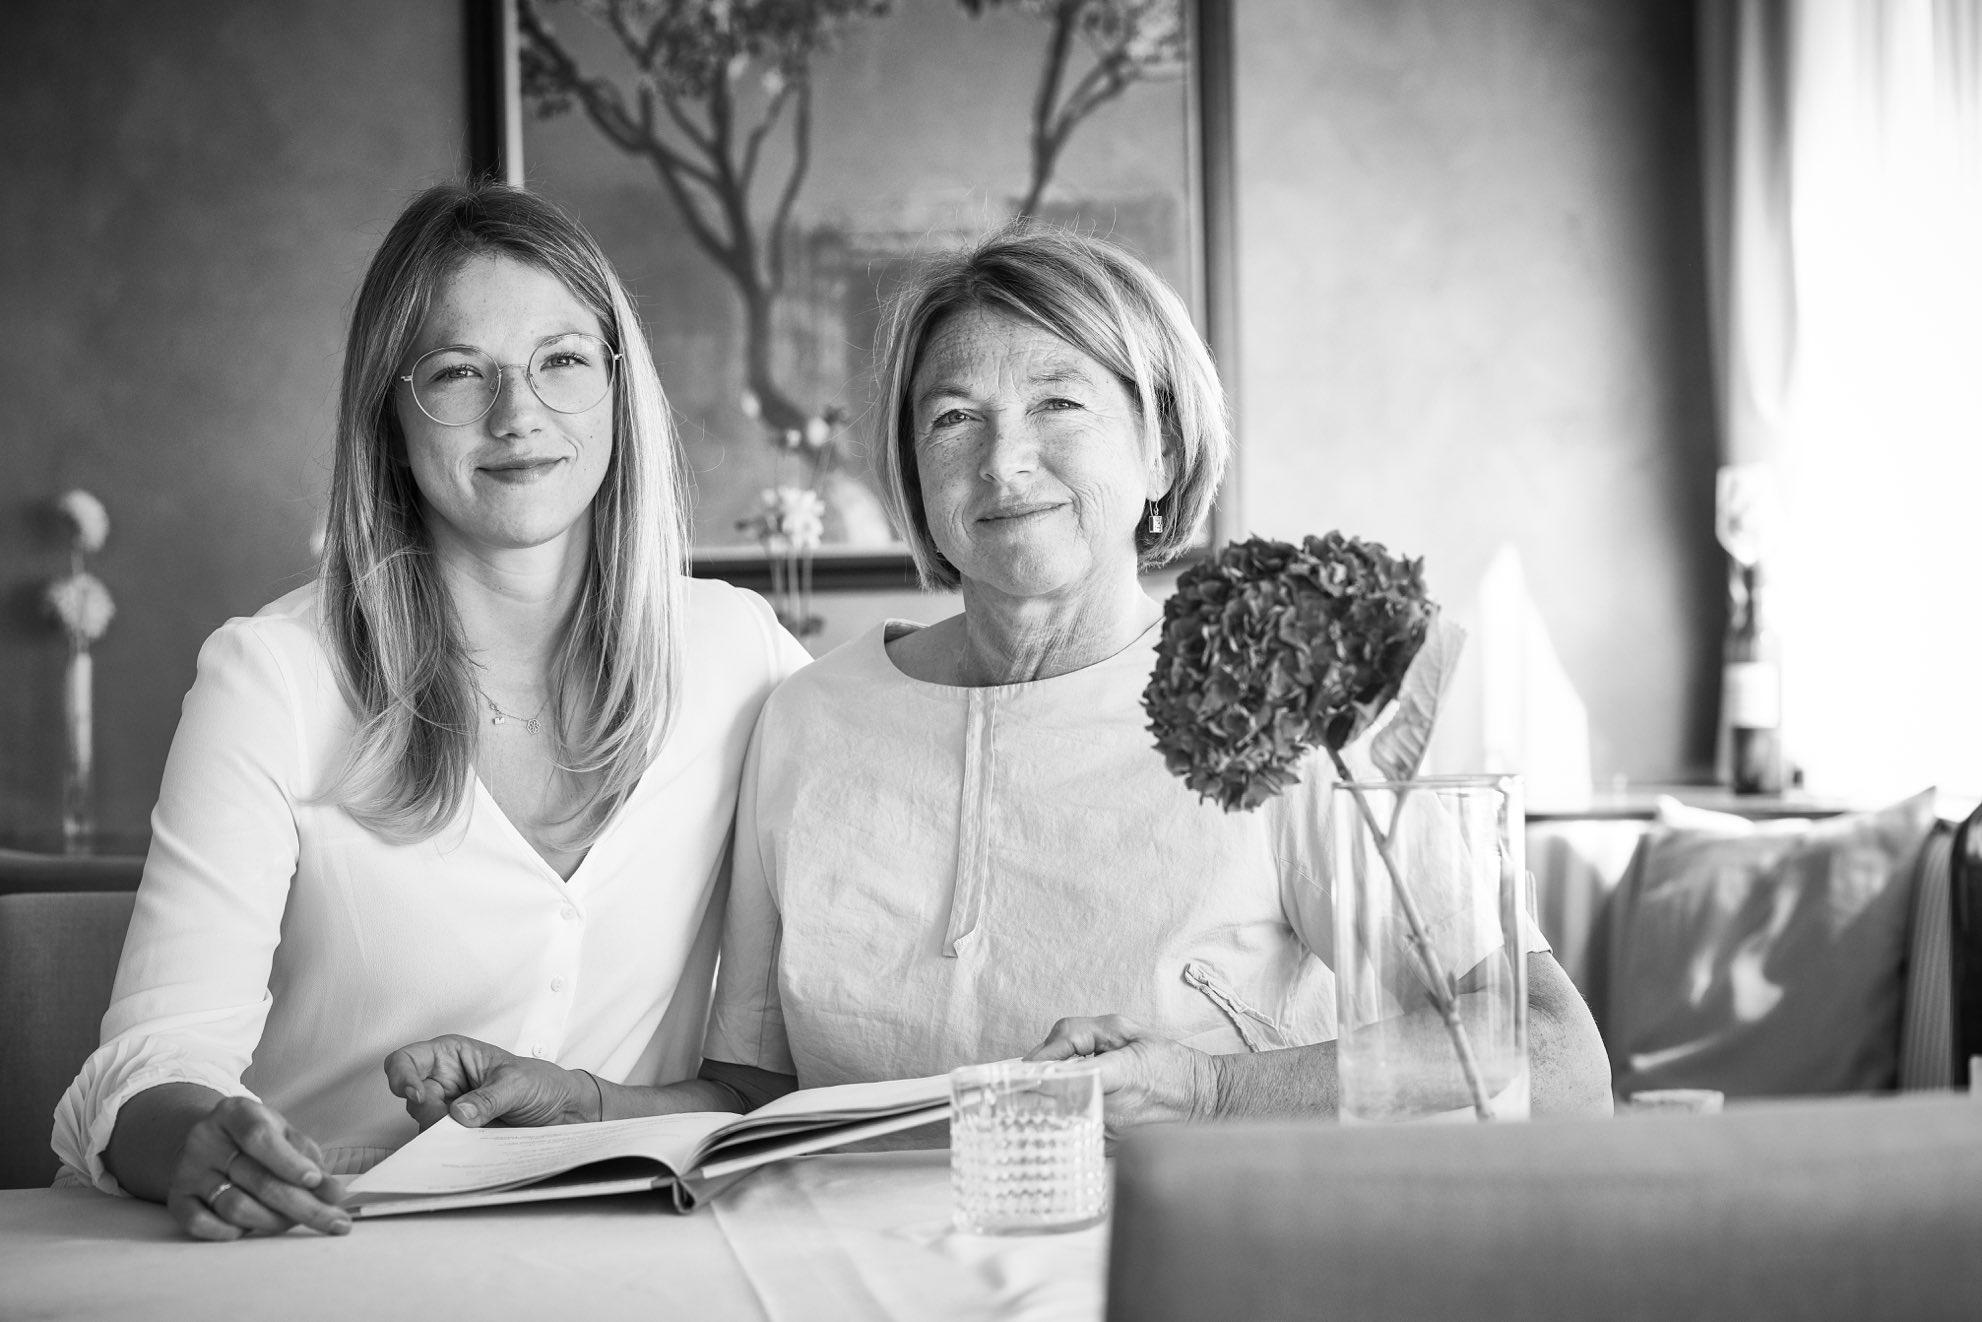 Iris&MariaRestaurant1-2.jpg